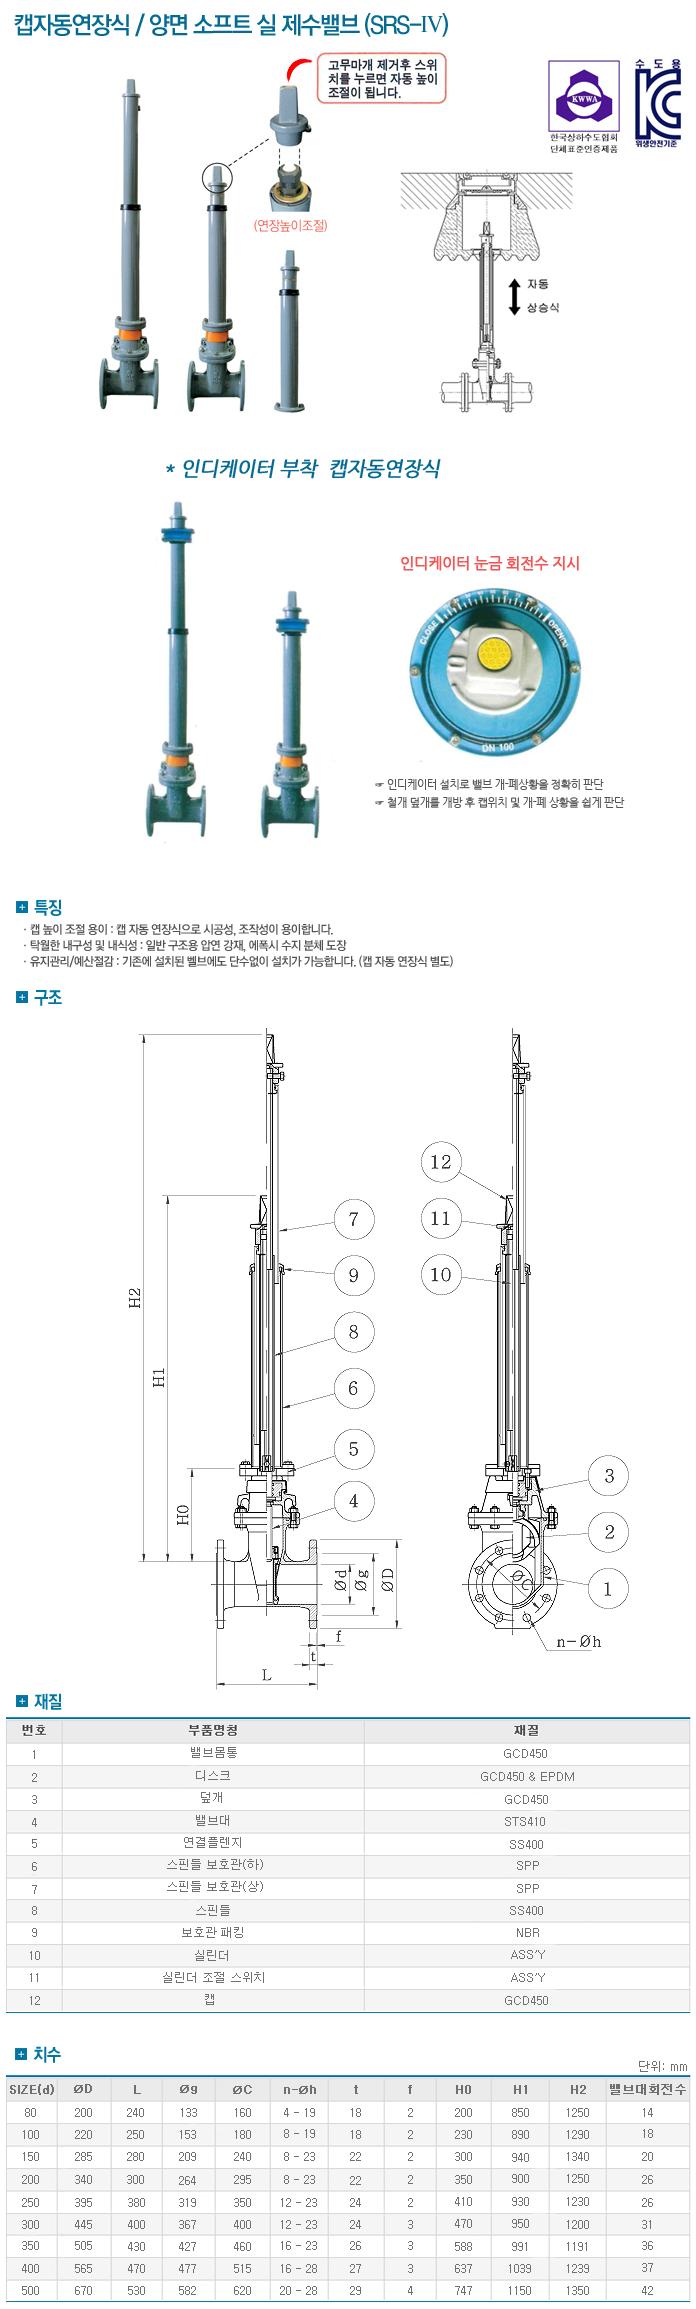 (주)신진정공 캡자동연장식 / 양면 소프트 실 제수밸브 SRS-IV